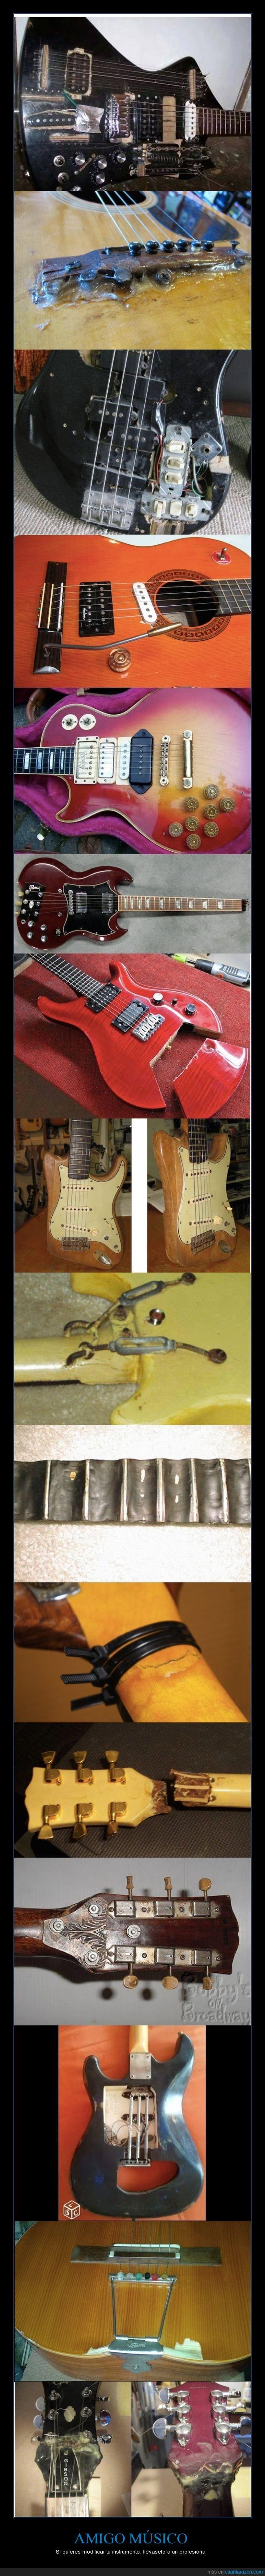 apaños,chapuza,desastre,dolor,guitarra,más en la fuente,modificaciones